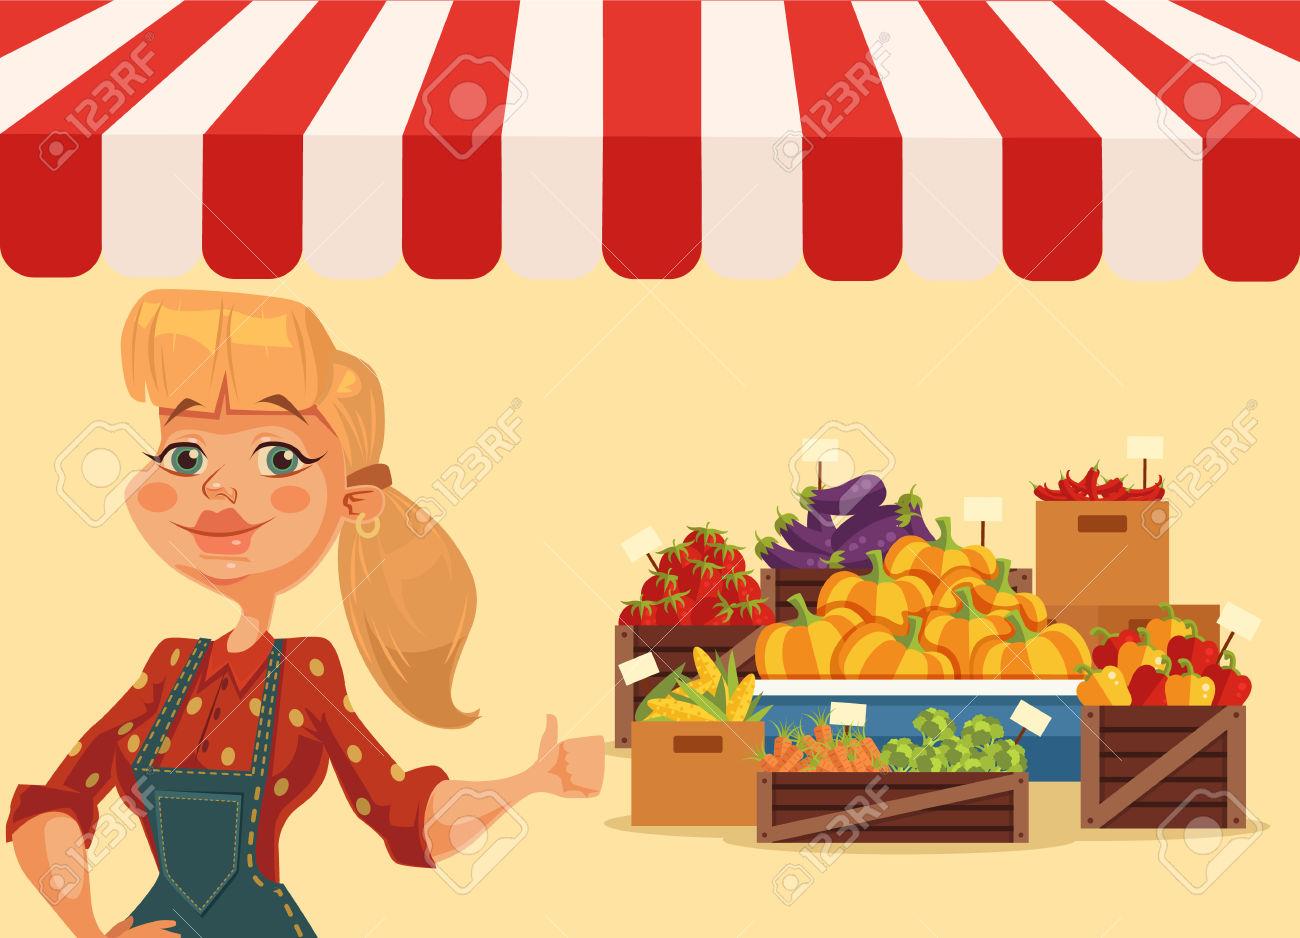 Farm Food Market. Woman Farmer. Fresh Food From Farm. Vegetables.